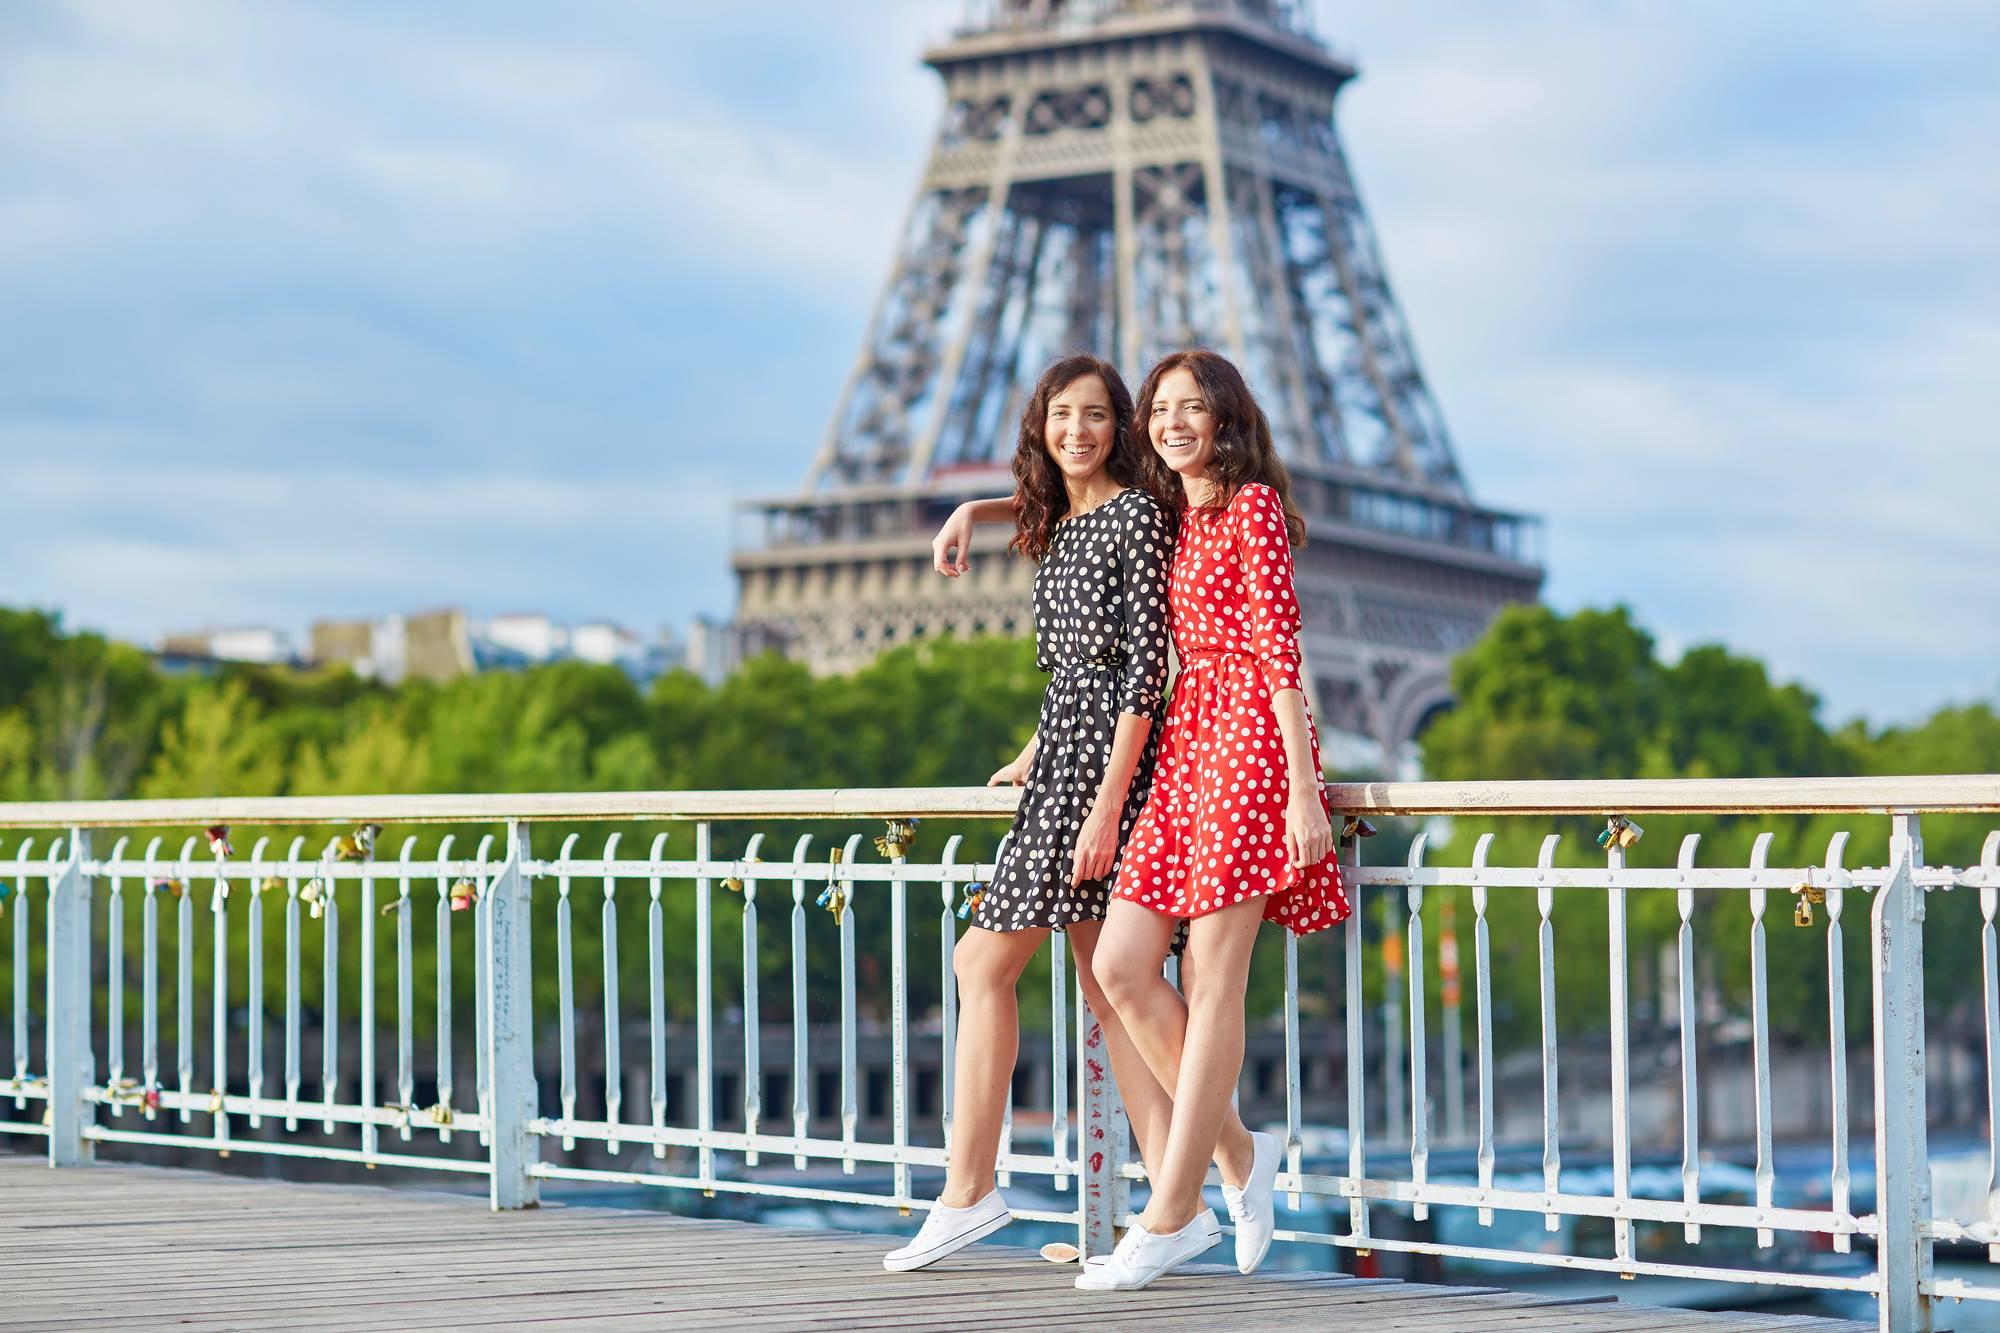 """あなたに合う場所が世界のどこかにある! パリ在住日本人が伝える""""自分の居場所の見つけ方"""""""